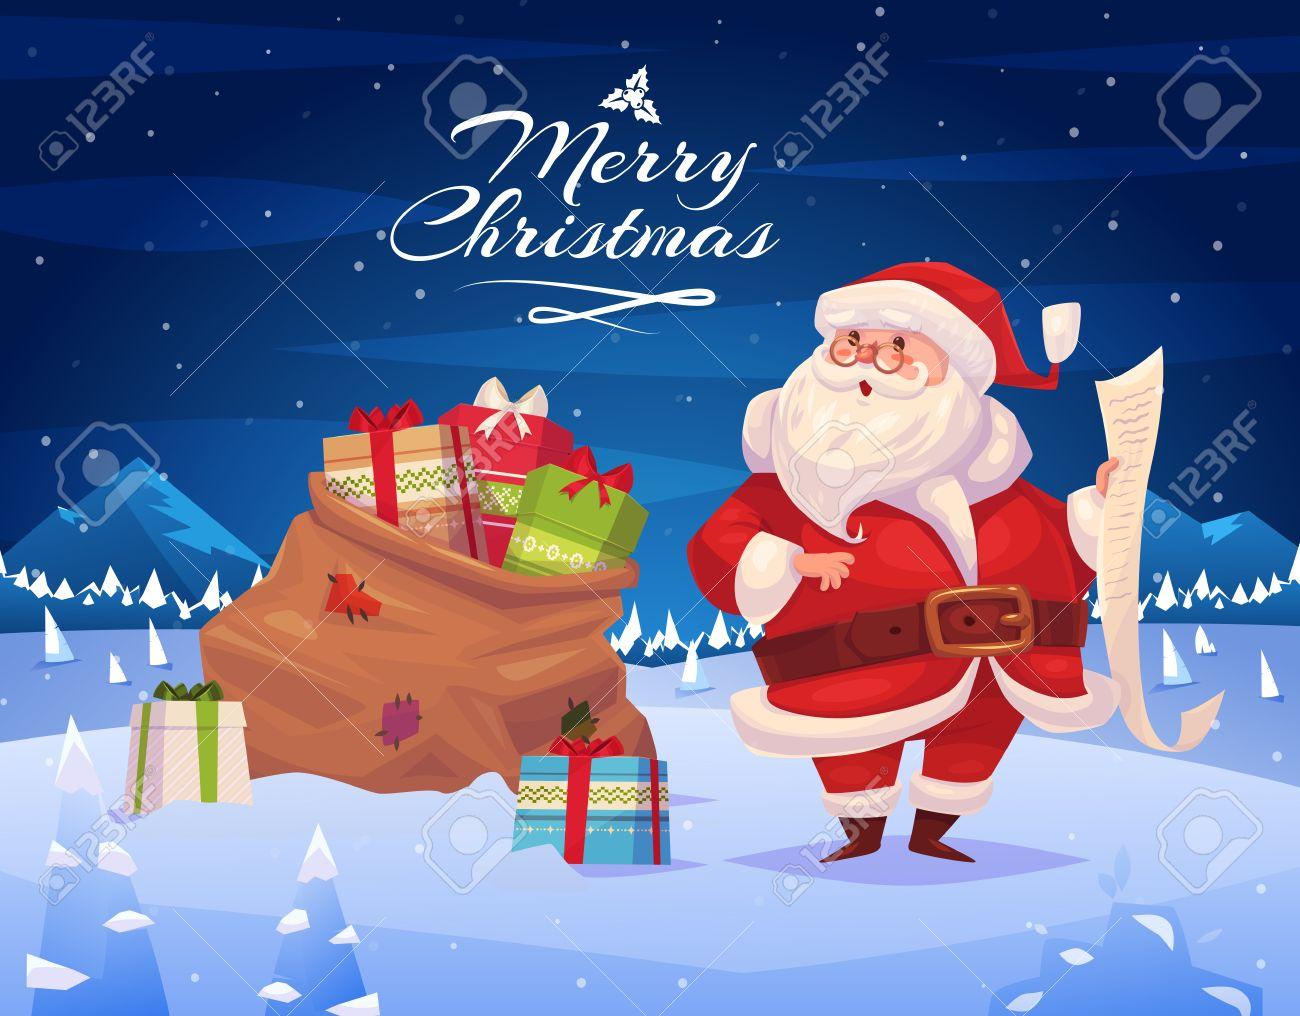 Photo De Noel Drole.Noël Drôle Avec Des Cadeaux Voeux De Noël Affiche Carte De Fond Vector Illustration Joyeux Noel Et Bonne Année